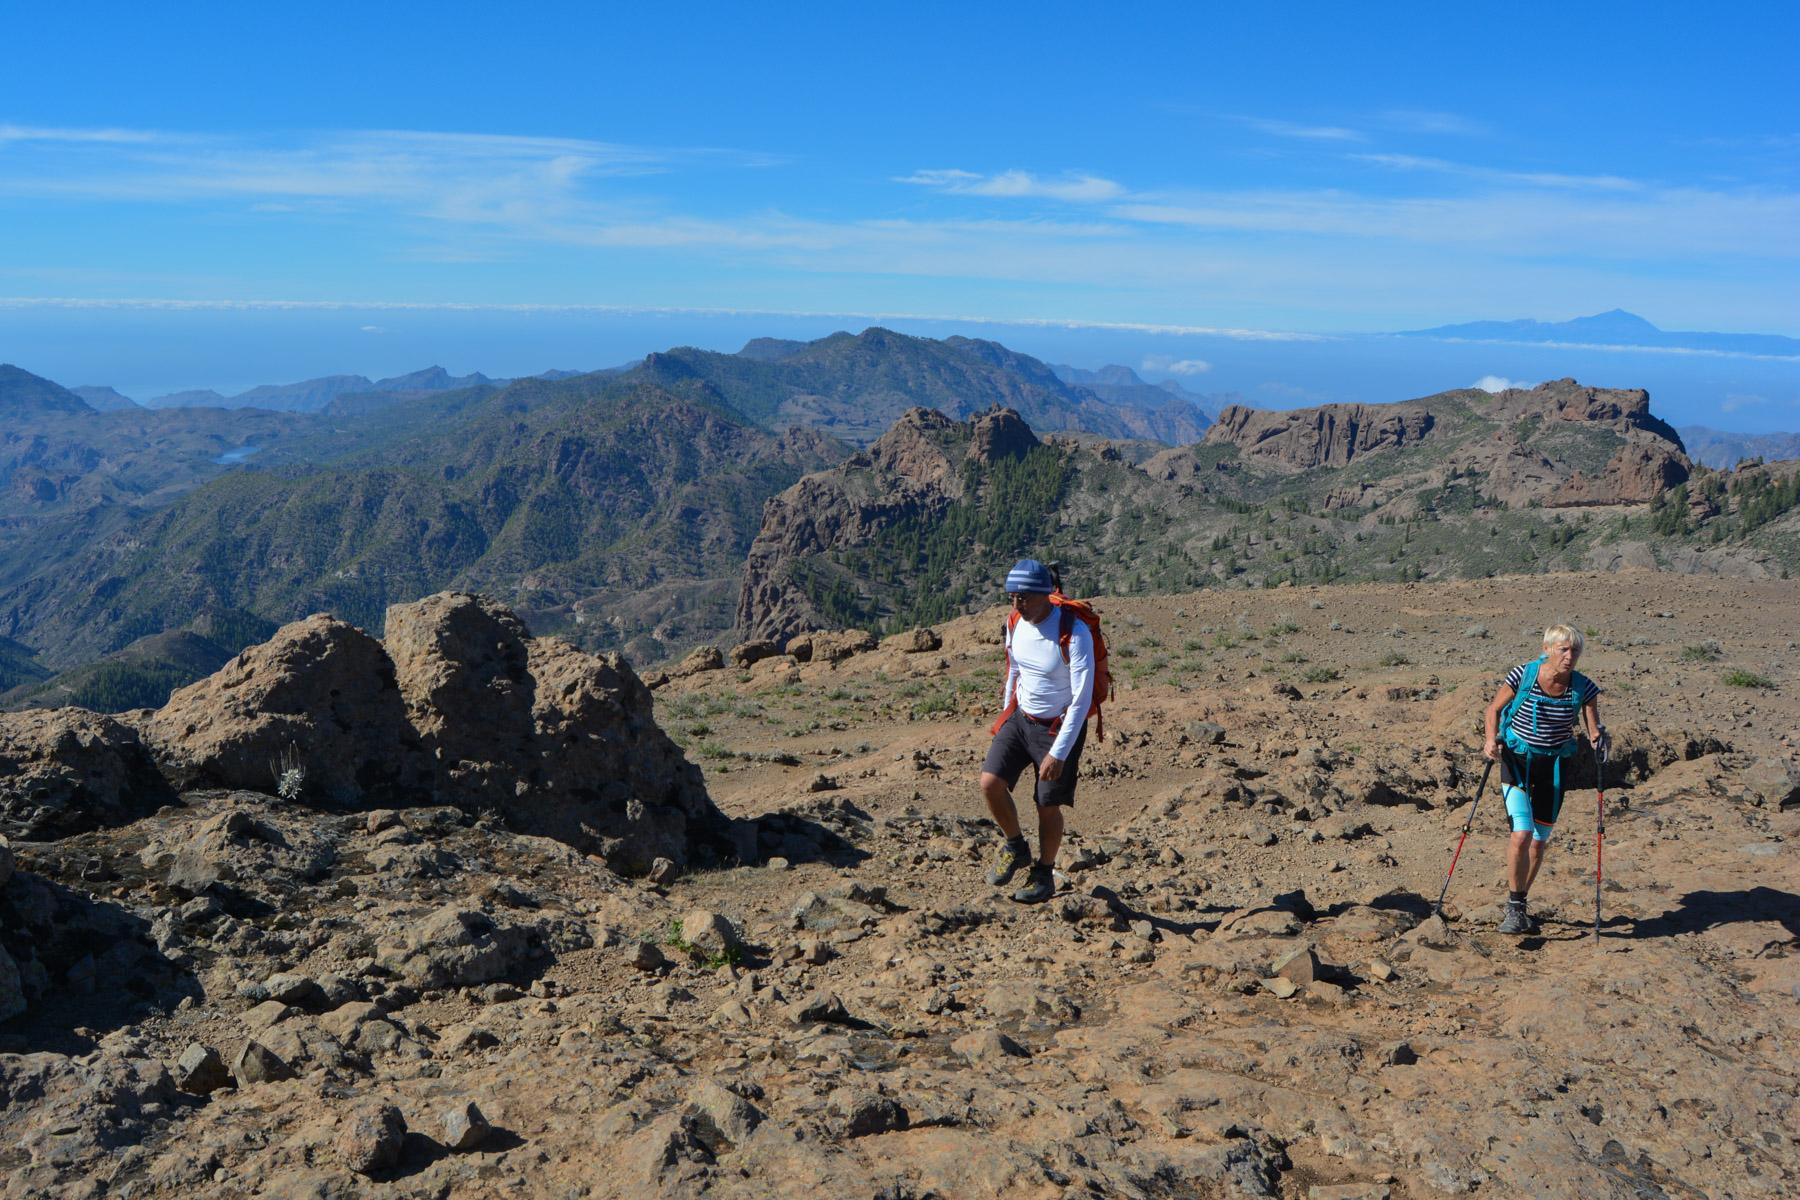 2019-01-04_16-36-10 (Pico de las nieves)